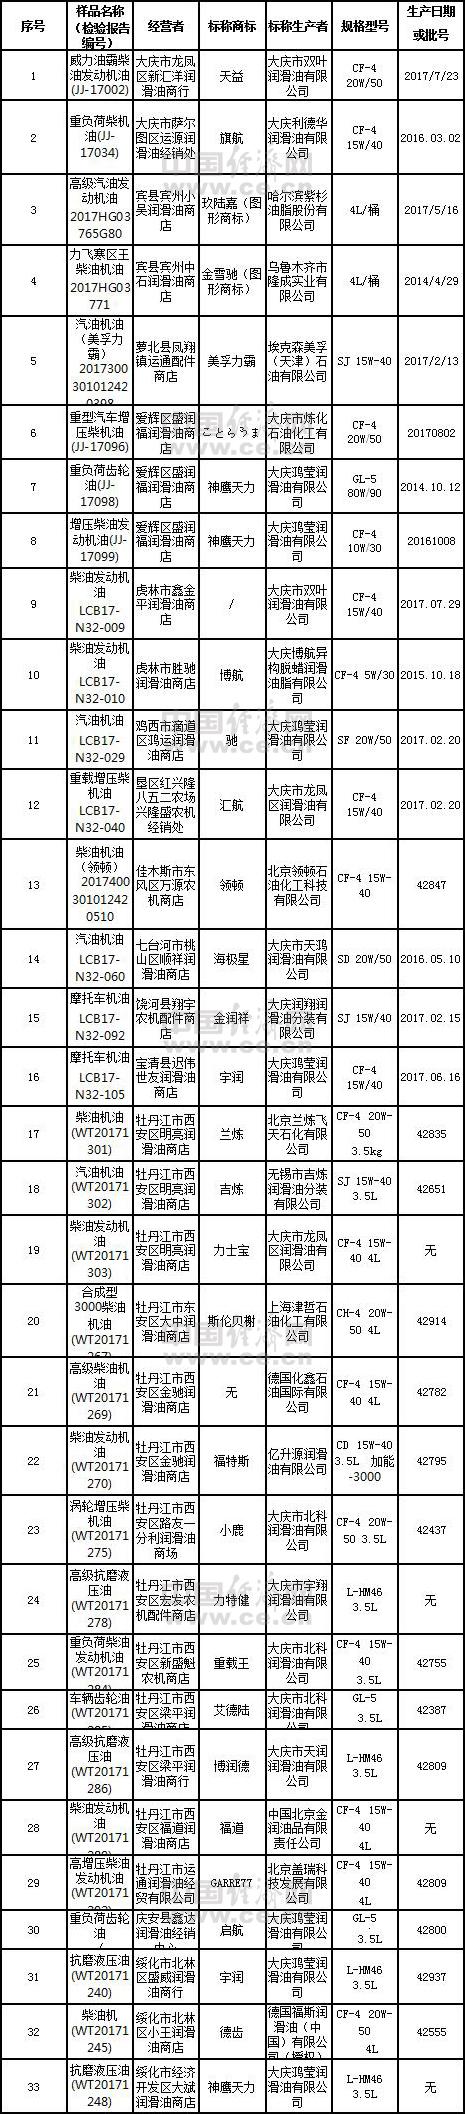 黑龙江省工商局:美孚力霸等33批次润滑油存在质量问题